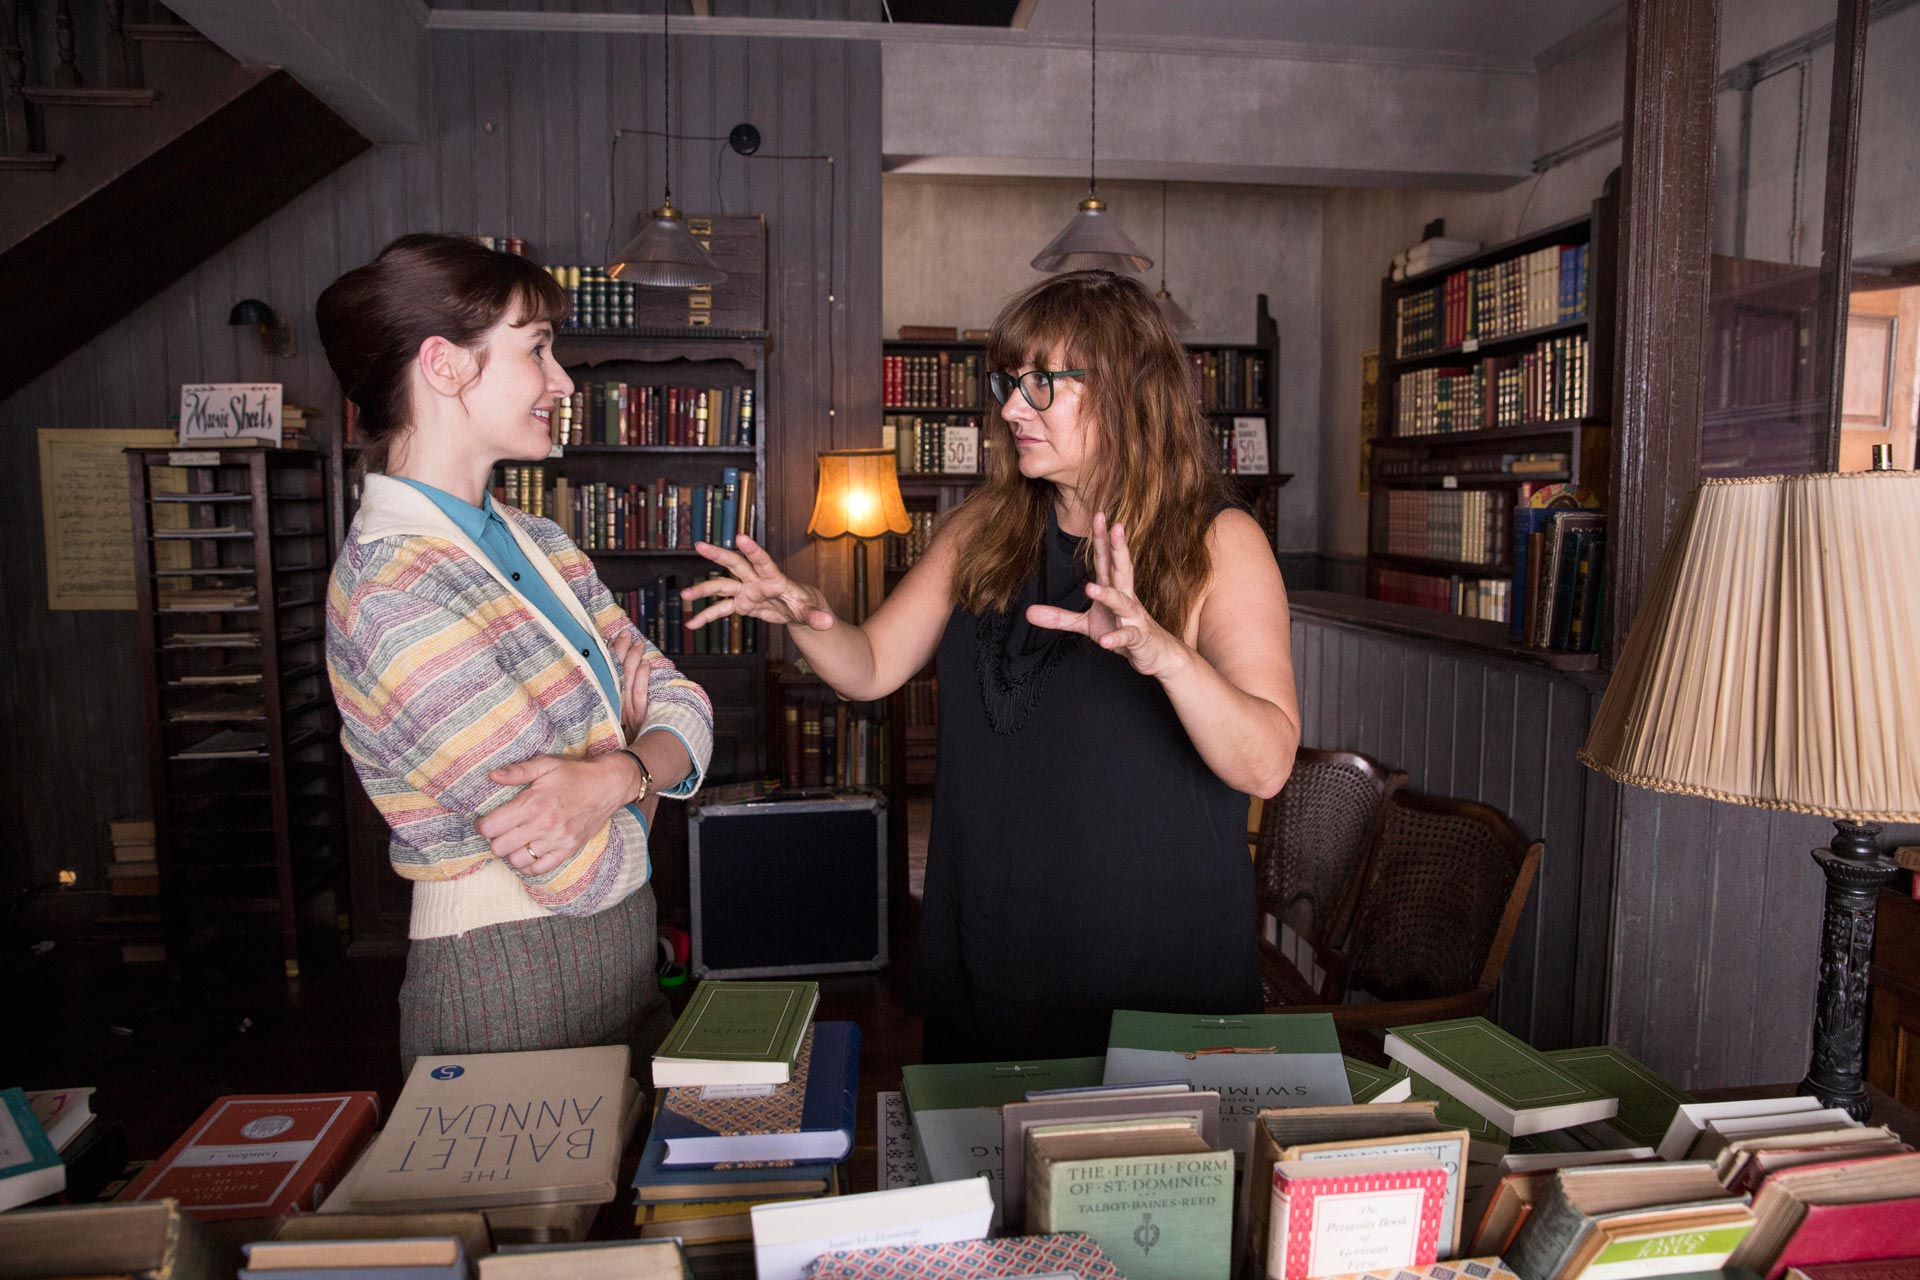 La librería - Foto durante el rodaje con la actriz Emily Mortimer y la directora Isabel Coixet